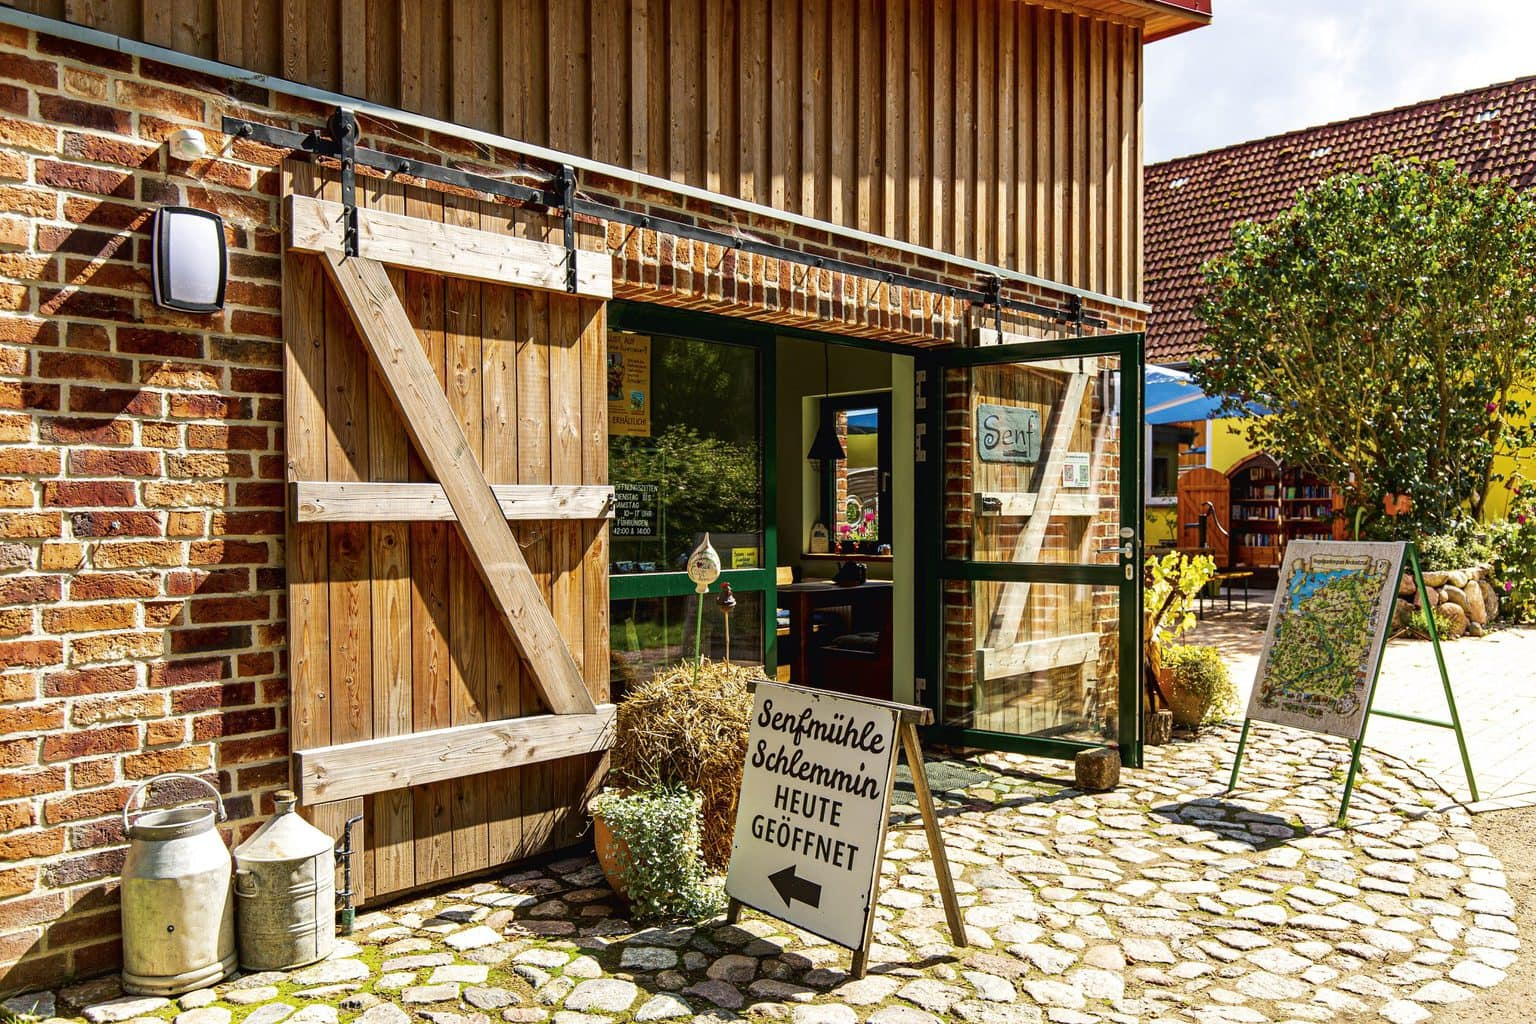 De boerderijwinkel van de Senfmühle Schlemmin